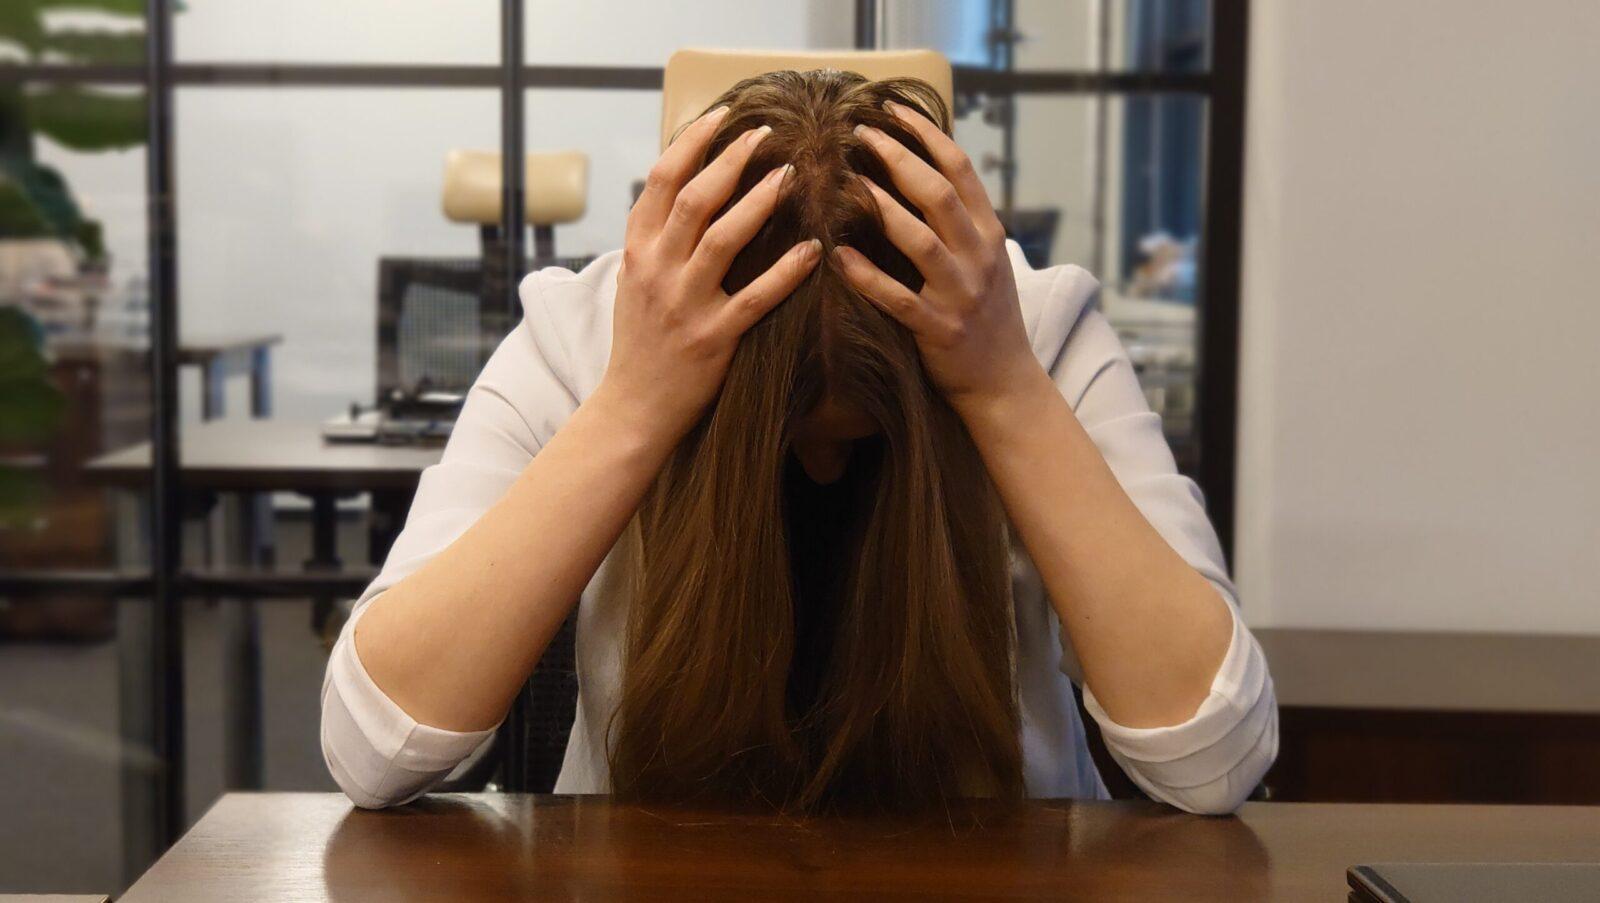 Opracowane przez naukowców urządzenie ubieralne skutecznie zmierzy poziom hormonu stresu. W przyszłości może pomóc m.in. osobom z depresją